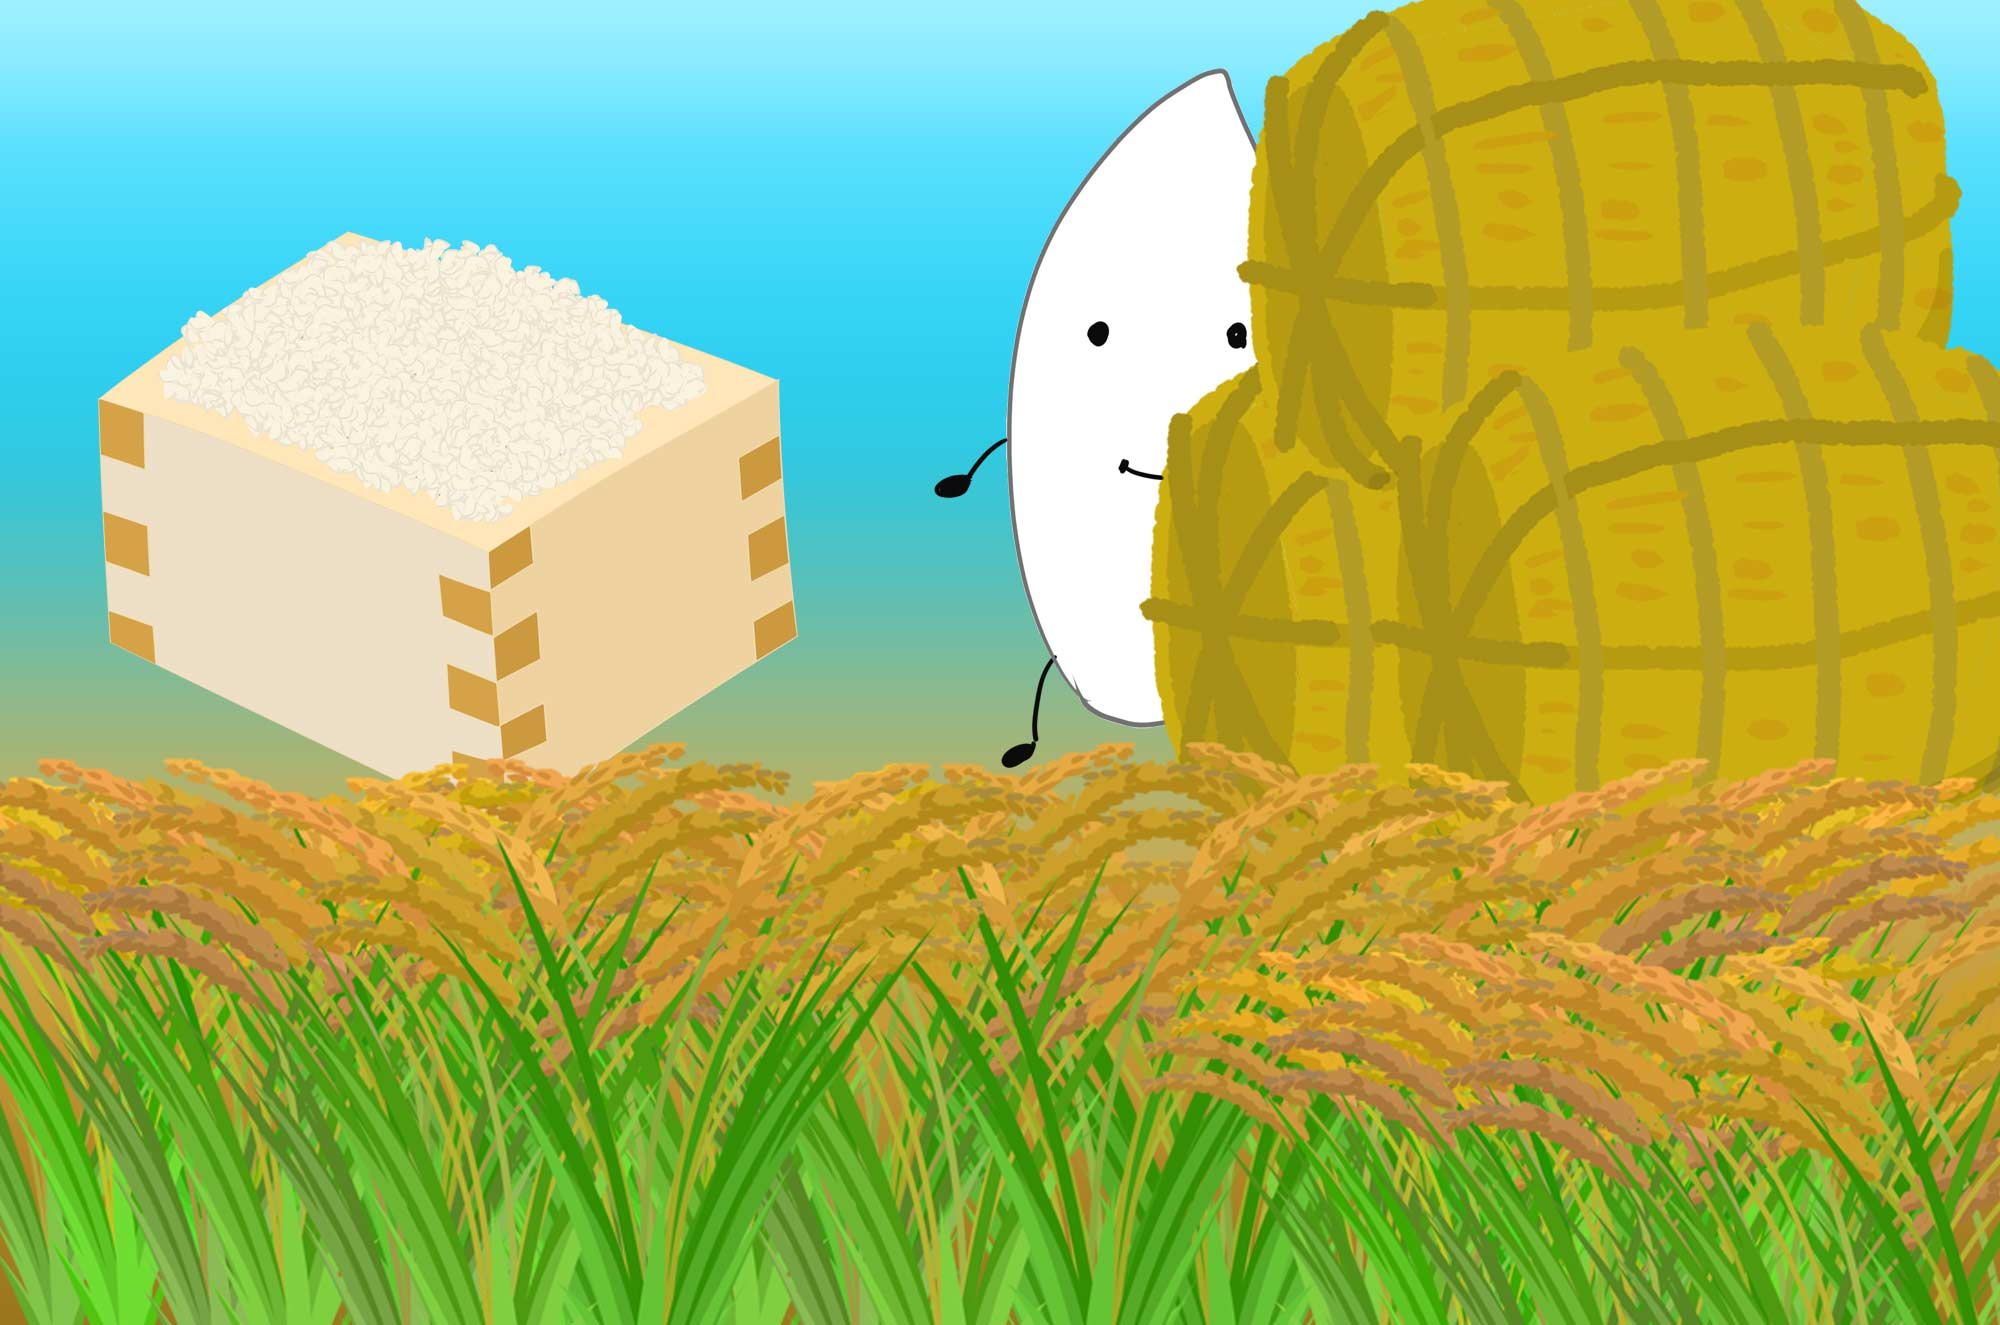 可愛い米のイラスト 稲やご飯俵や升のフリー素材 チコデザ